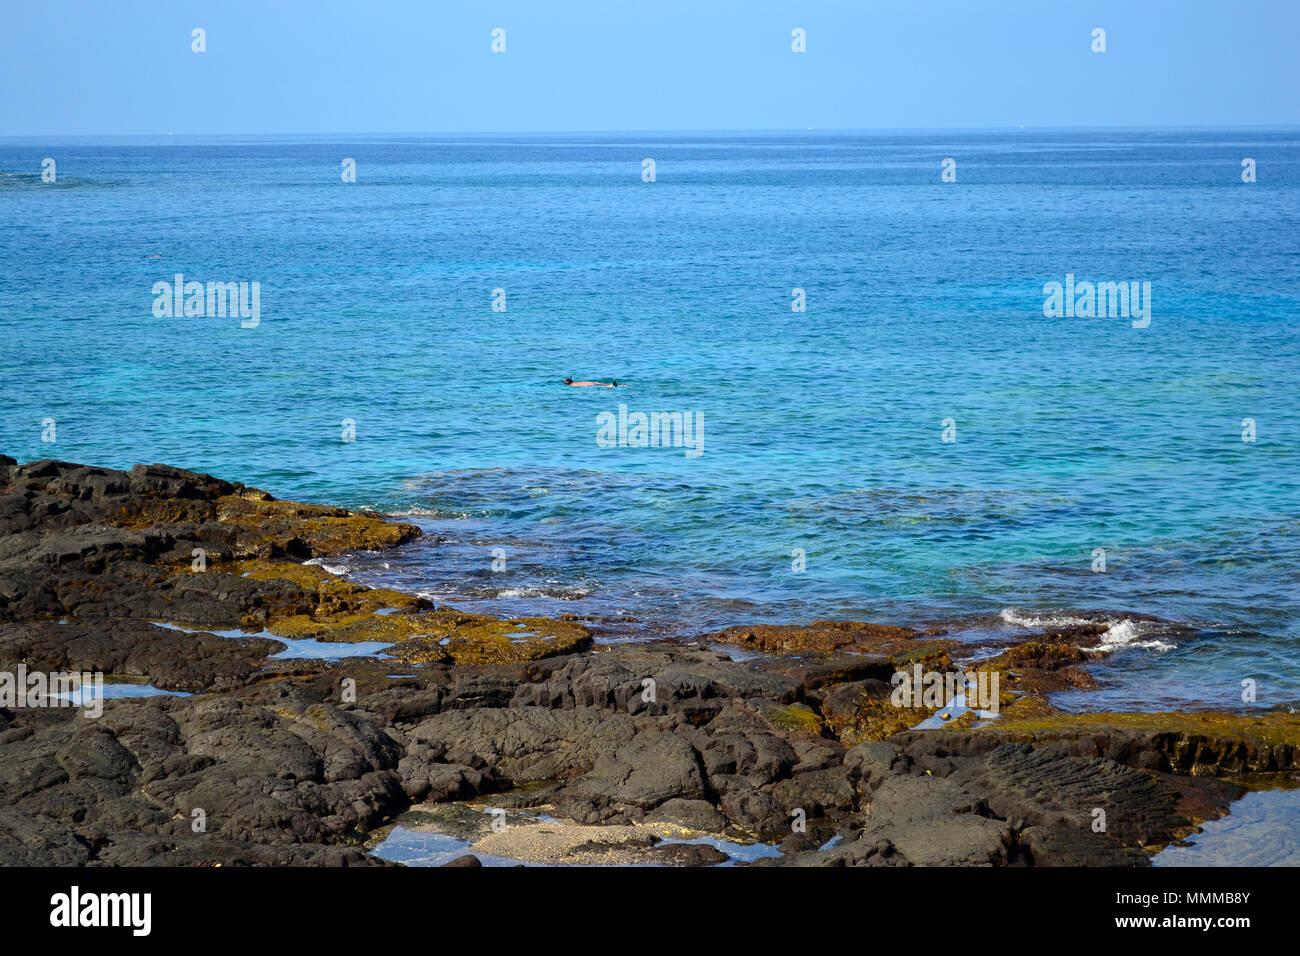 Snorkeler in a flat Honaunau Bay, Big Island, Hawaii, USA - Stock Image